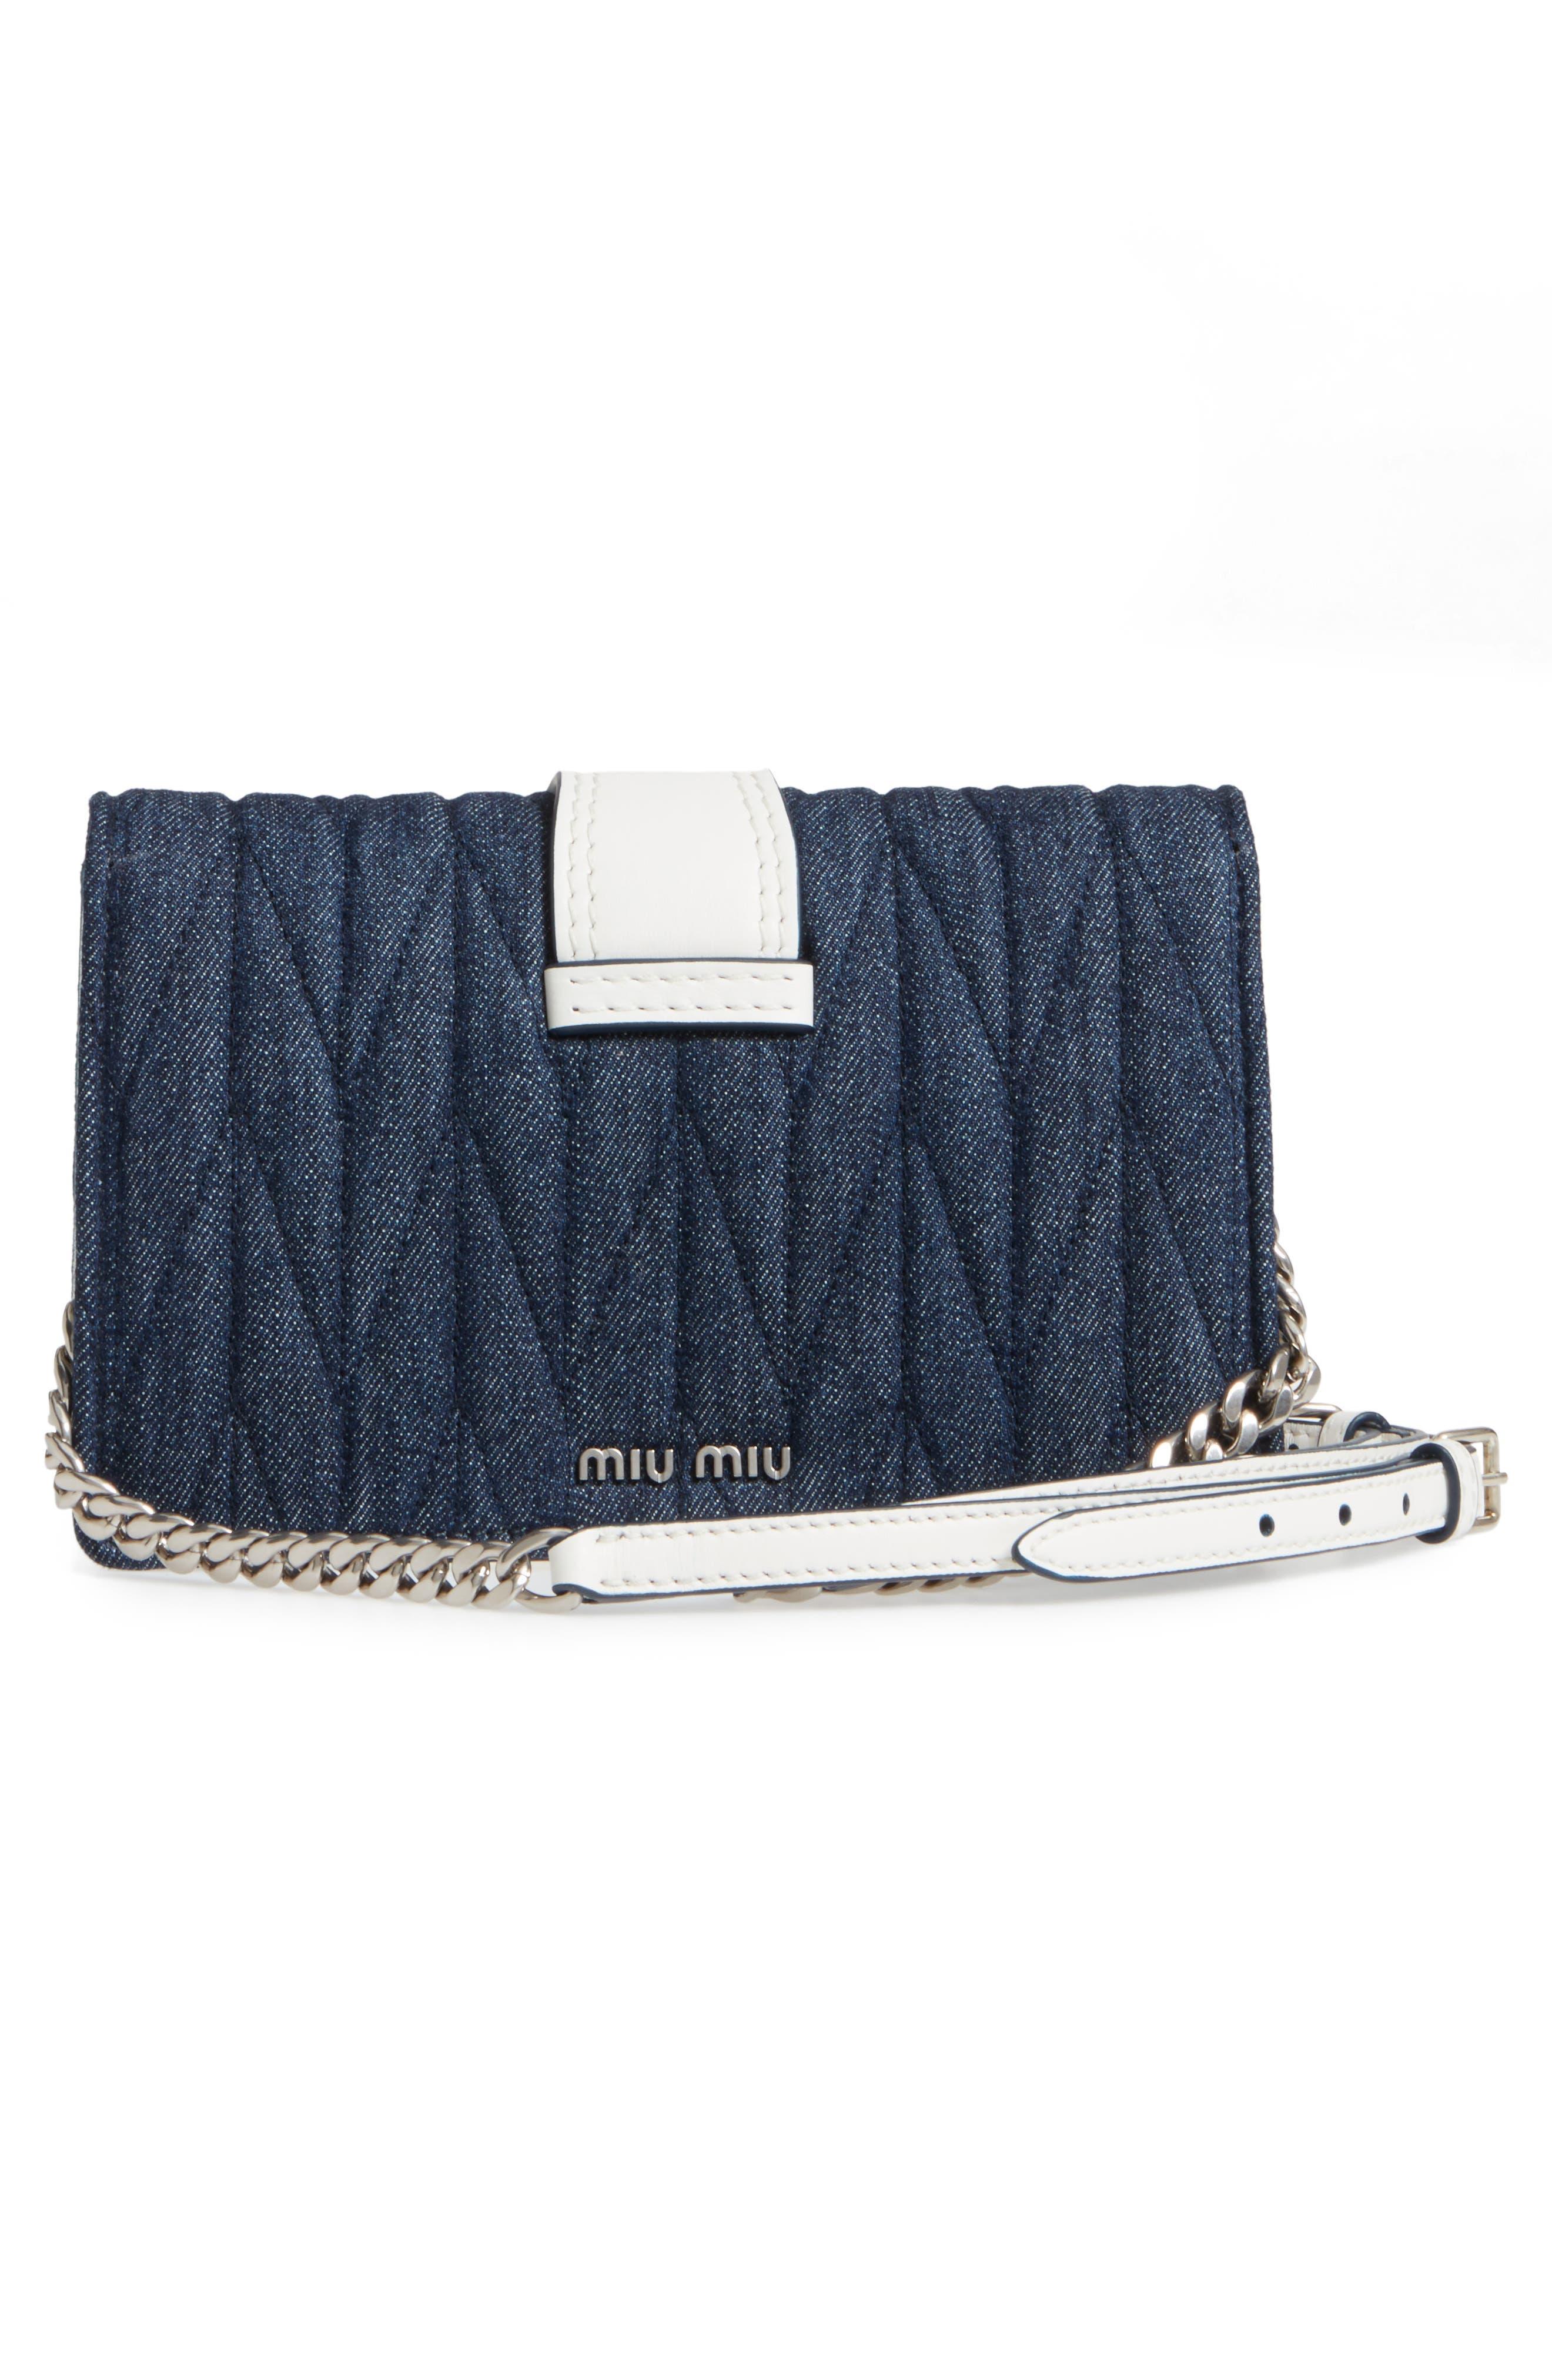 Matelassé Denim Embellished Shoulder Bag,                             Alternate thumbnail 3, color,                             BLU/ BIANCO